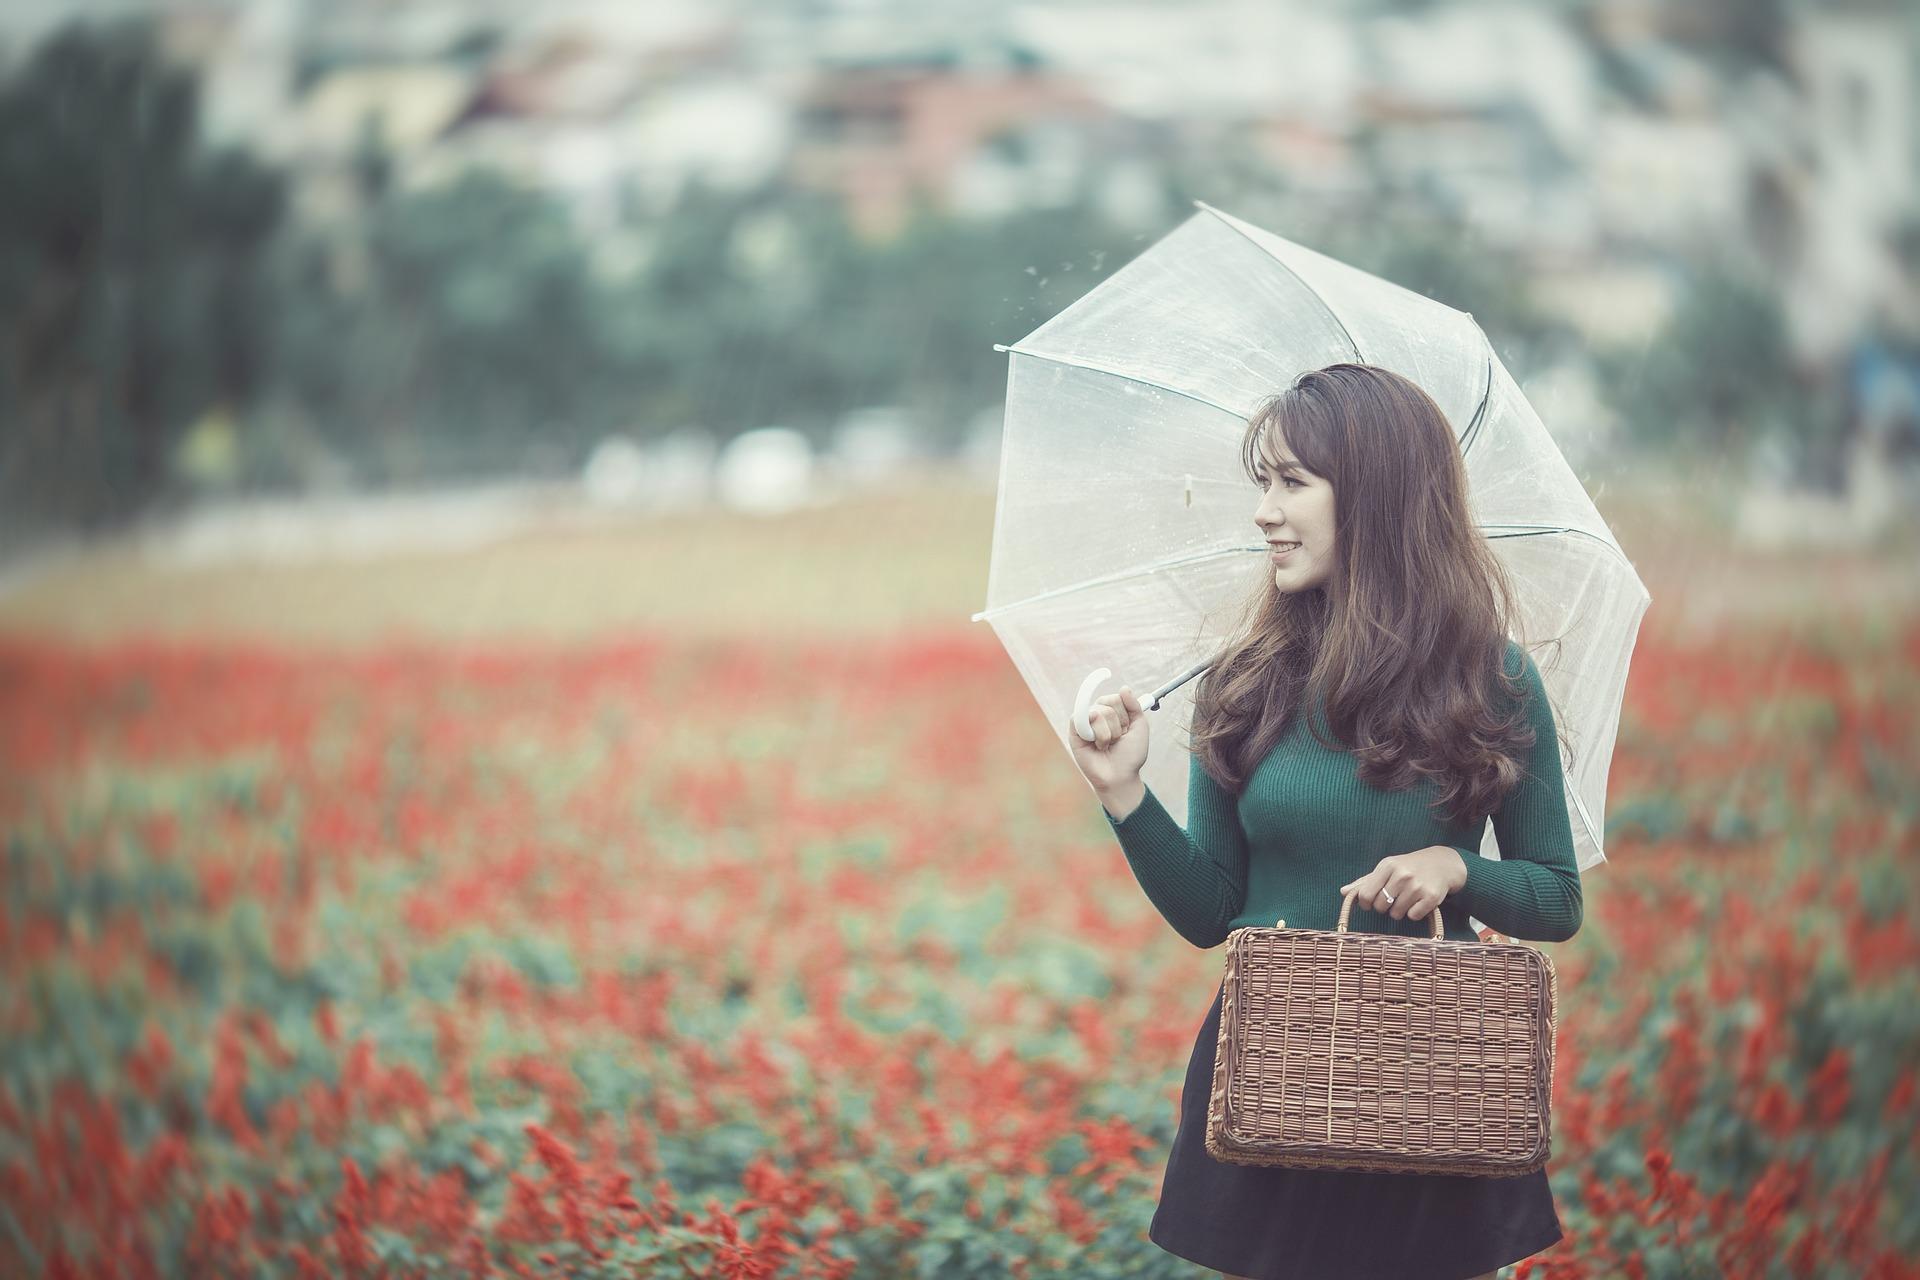 kobieta z parasolką z lnianą torebką w deszczu